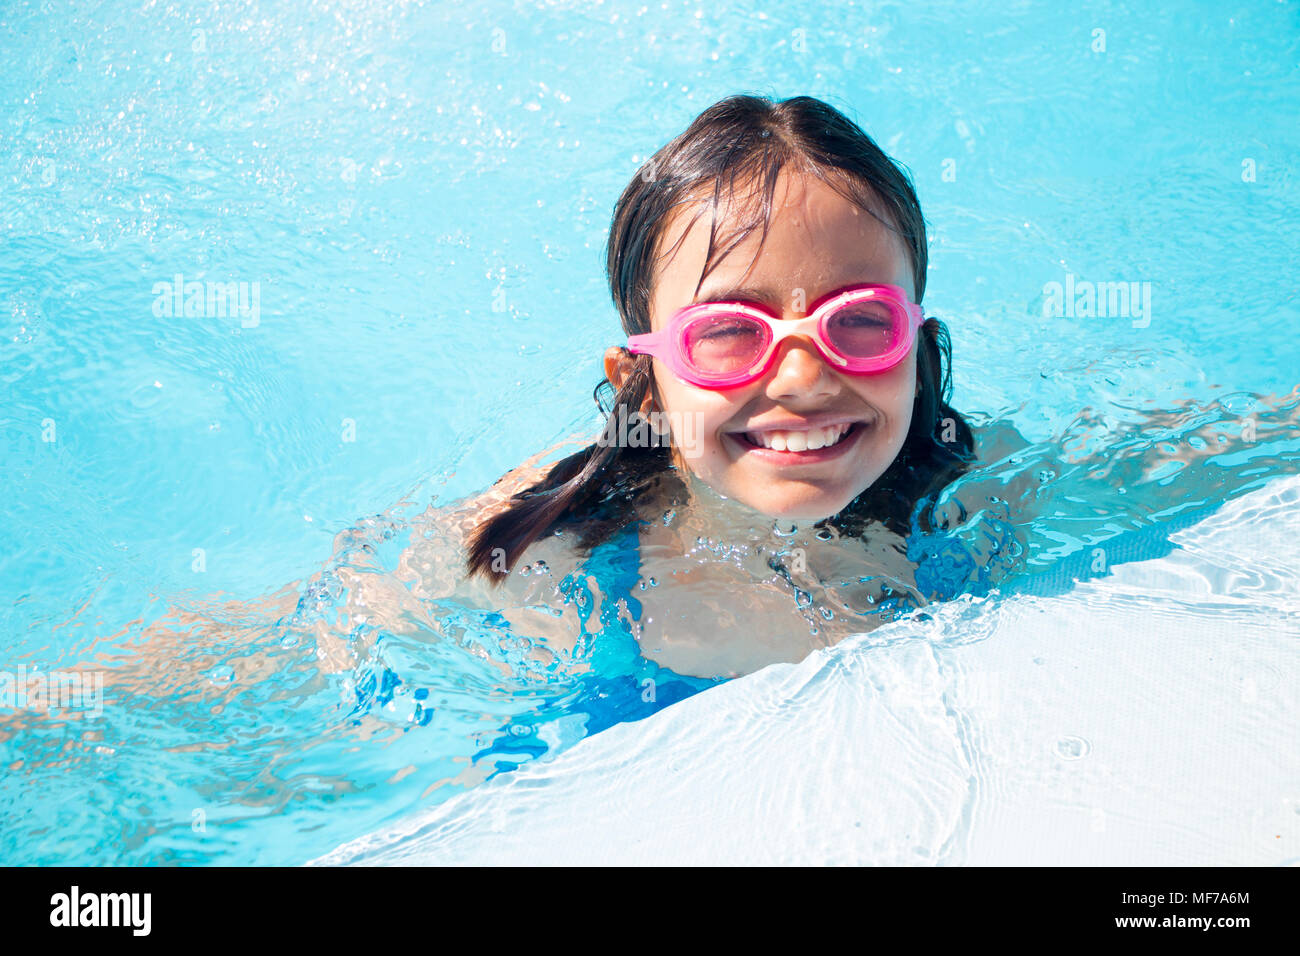 bfc69e5bcf680 Glückliche kleine Mädchen mit Brille schwimmen im Pool im Freien ...